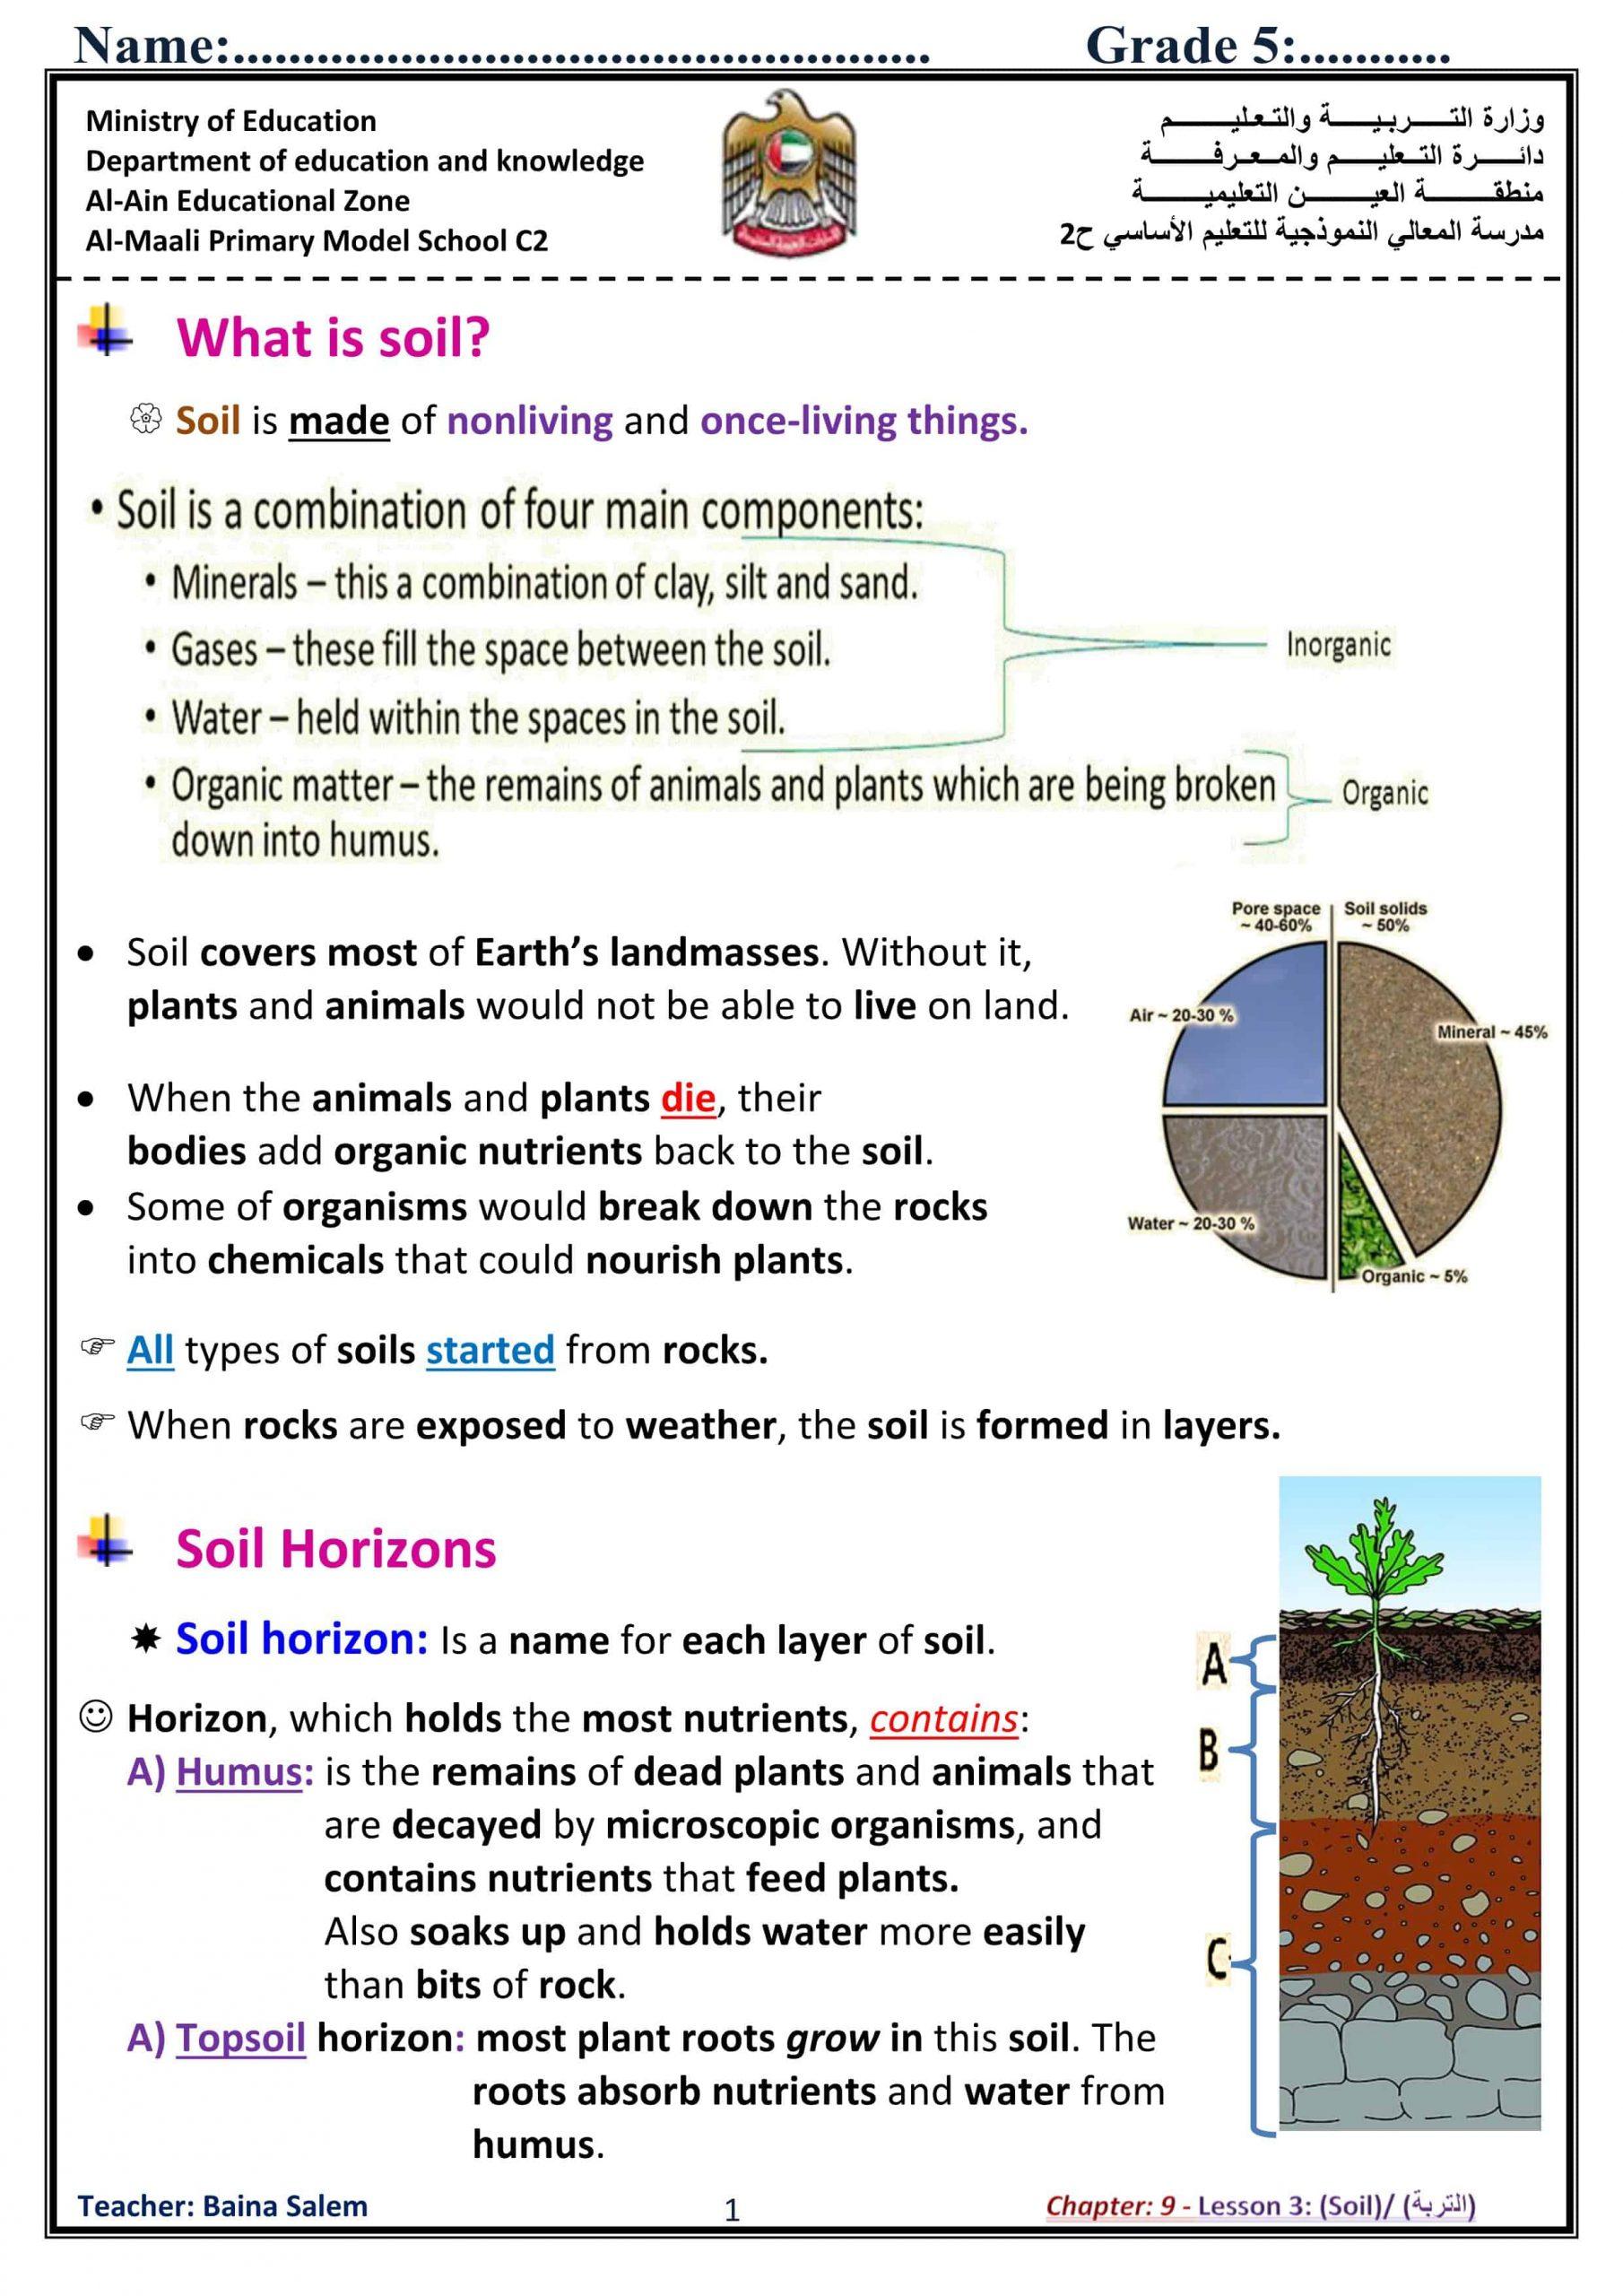 ملخص درس soil بالإنجليزي الصف الخامس مادة العلوم المتكاملة